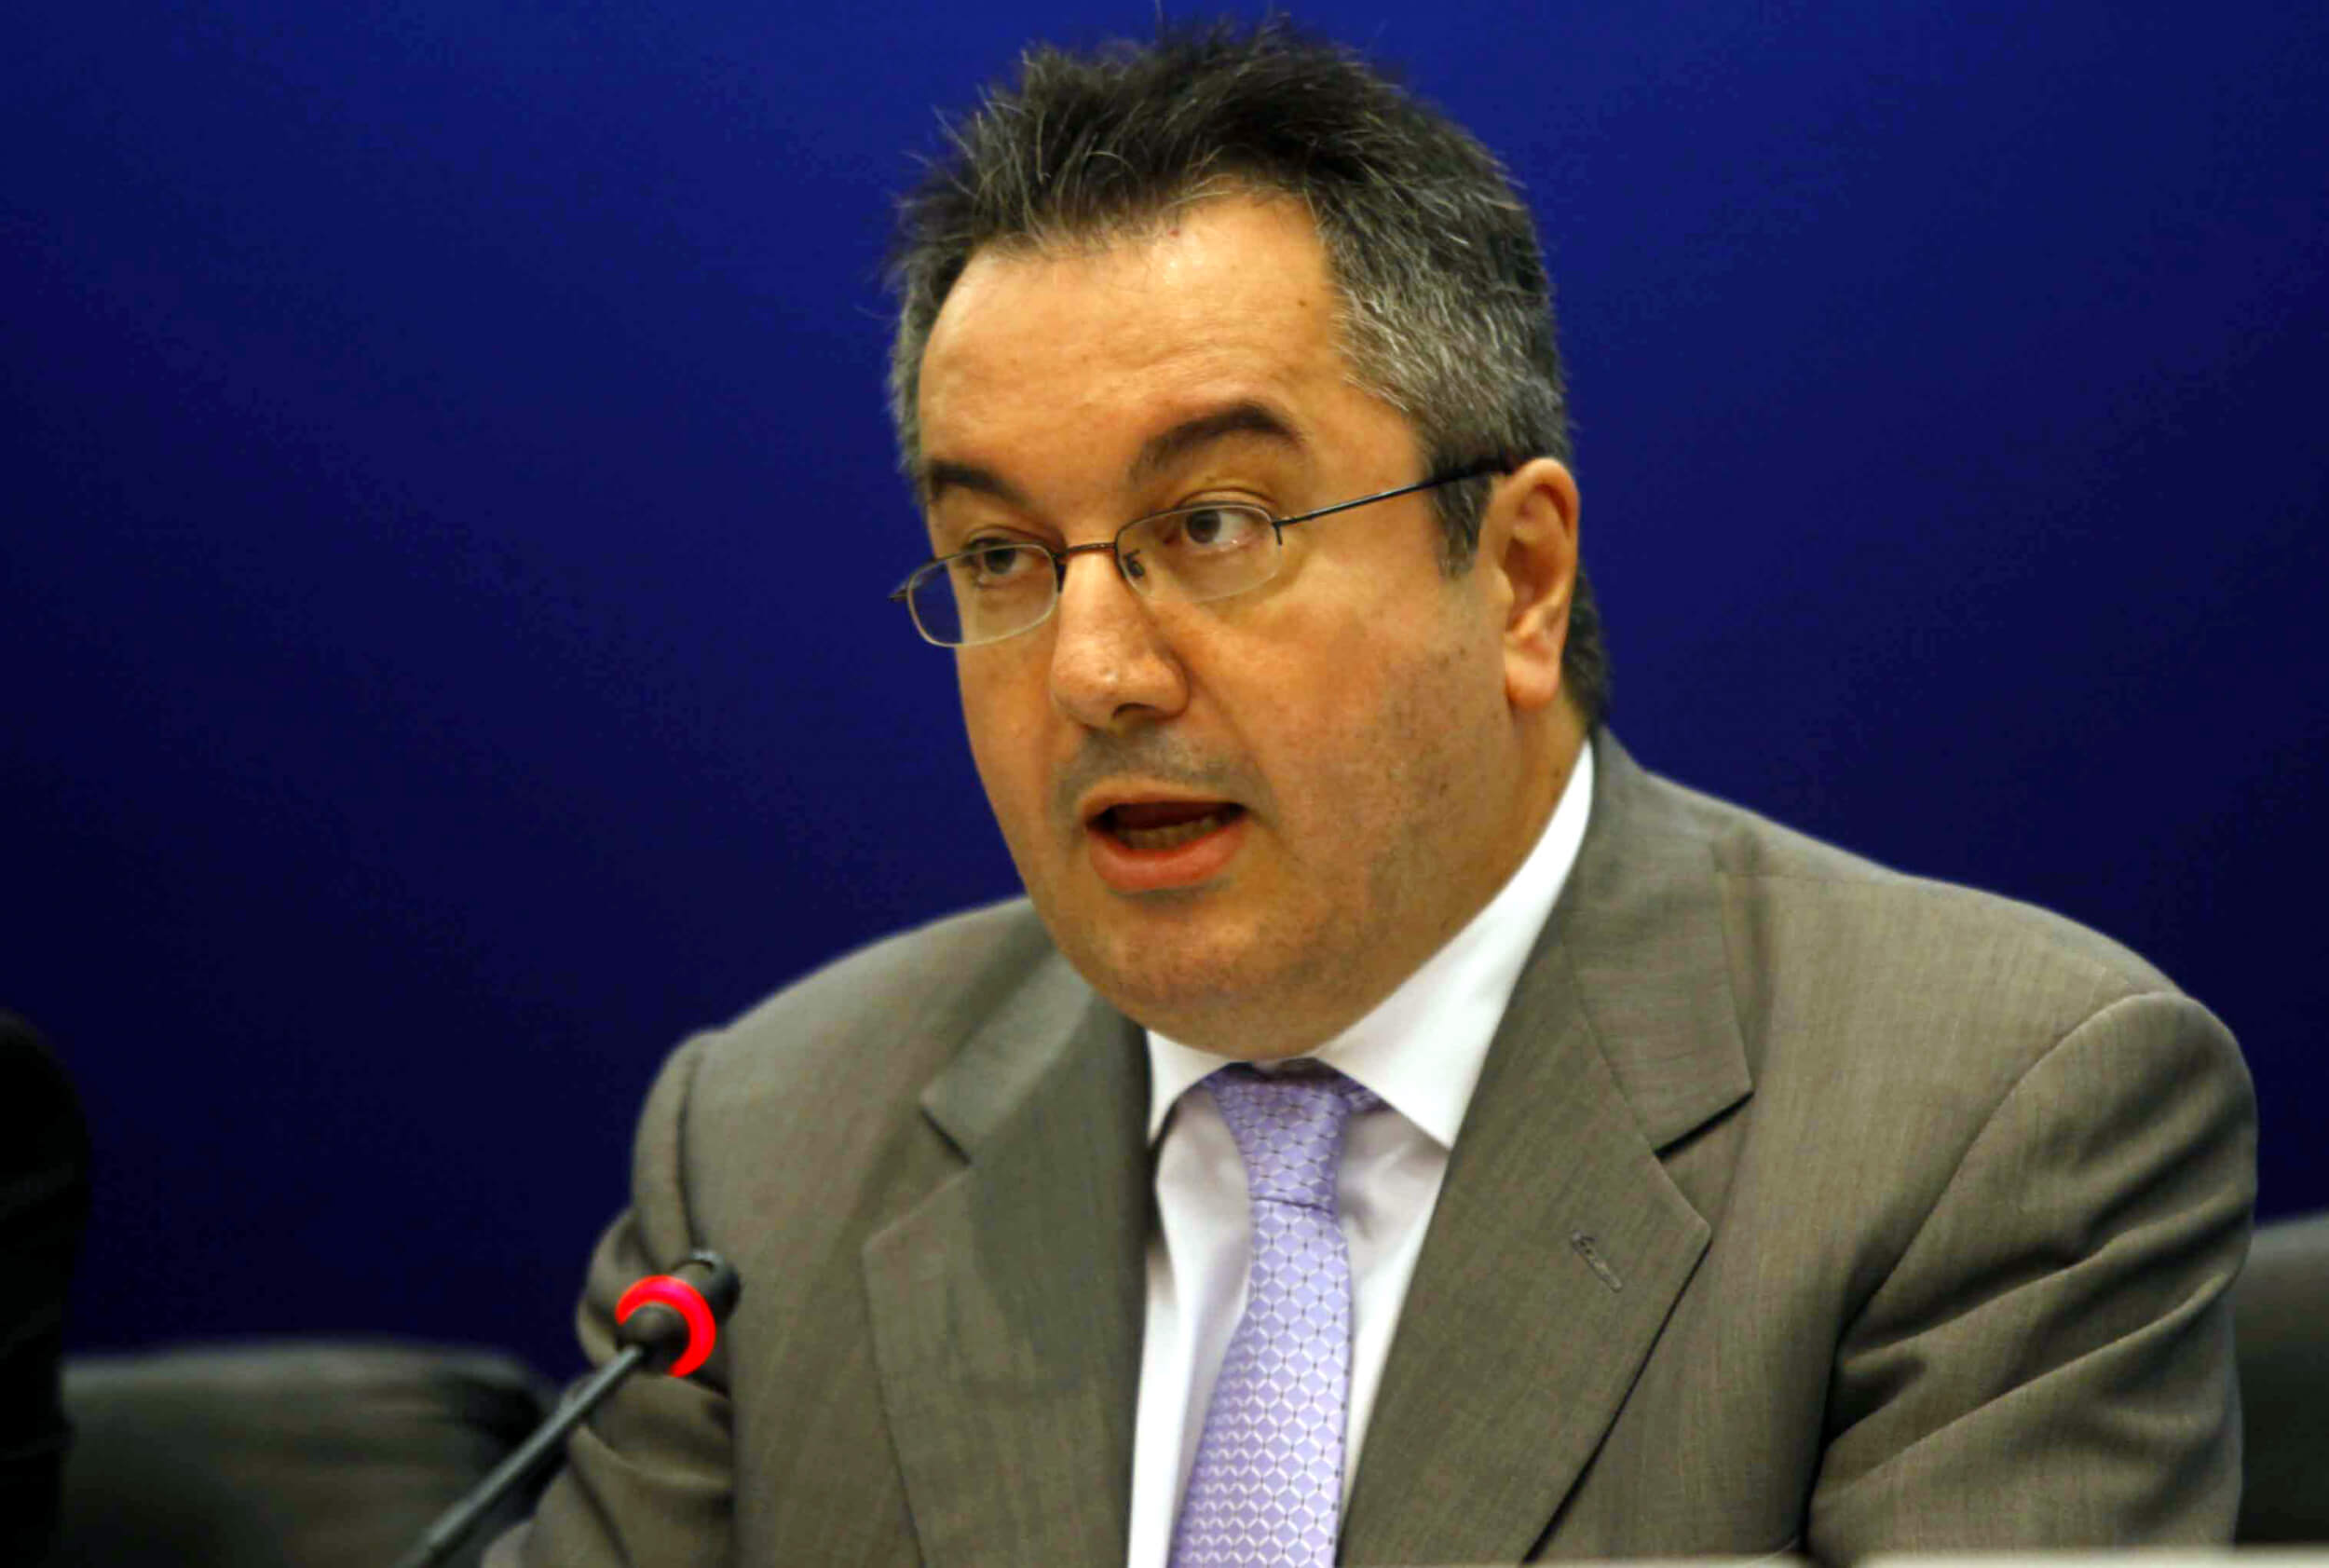 Μόσιαλος καρφώνει την Κυβέρνηση για τις δηλώσεις Γεωργιάδη